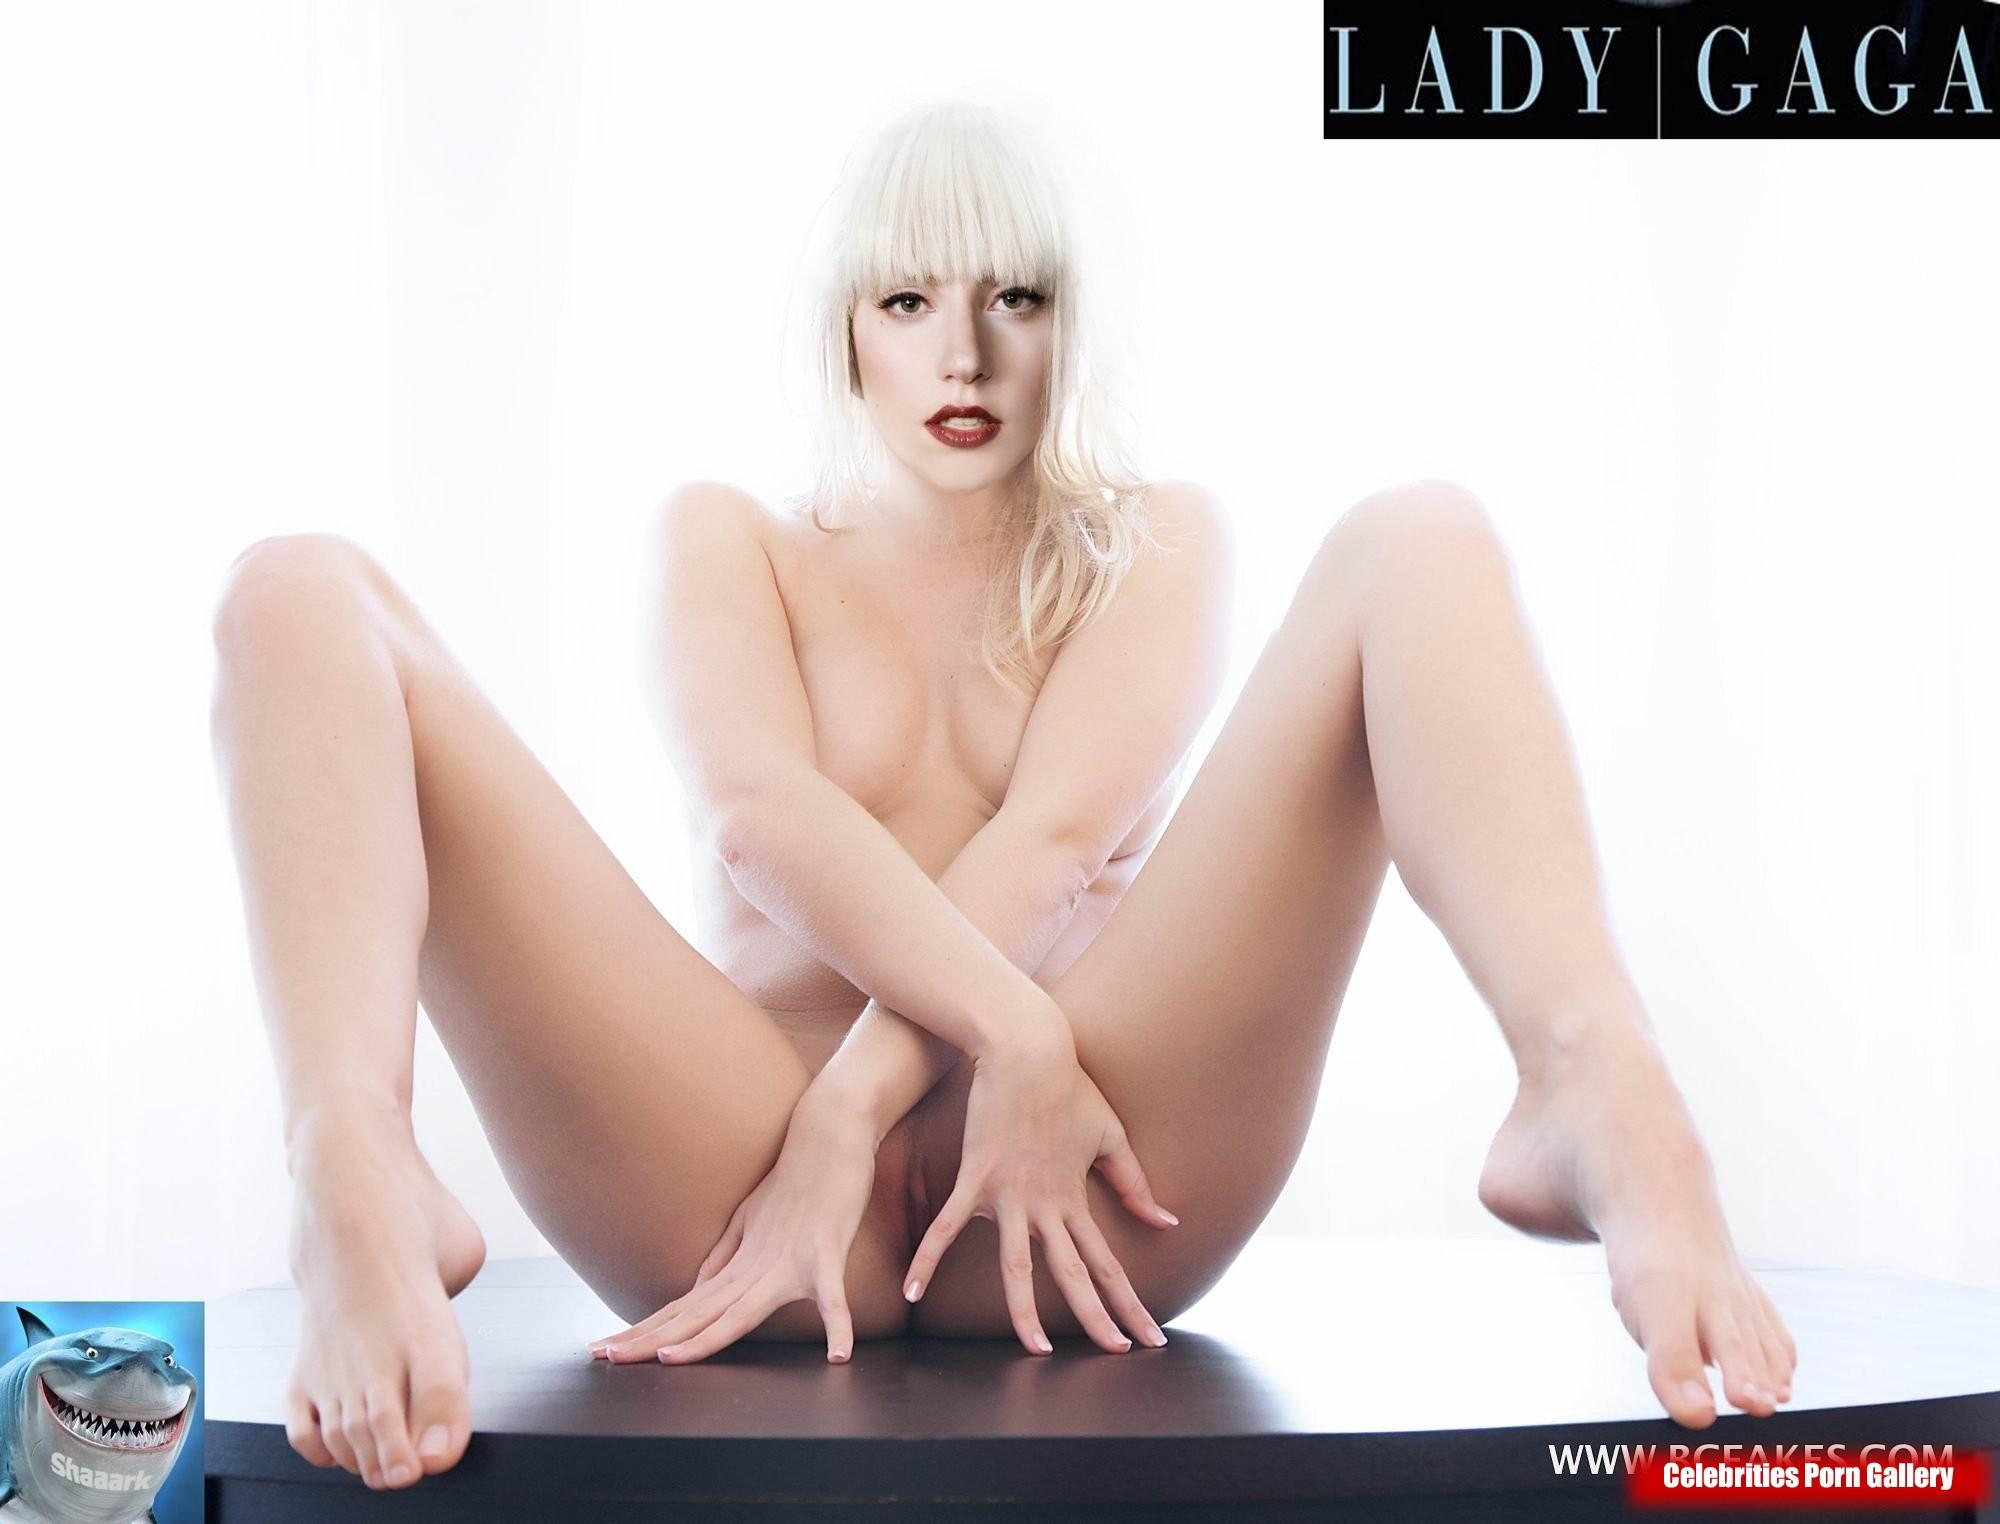 Смотреть порно видео великолепные леди